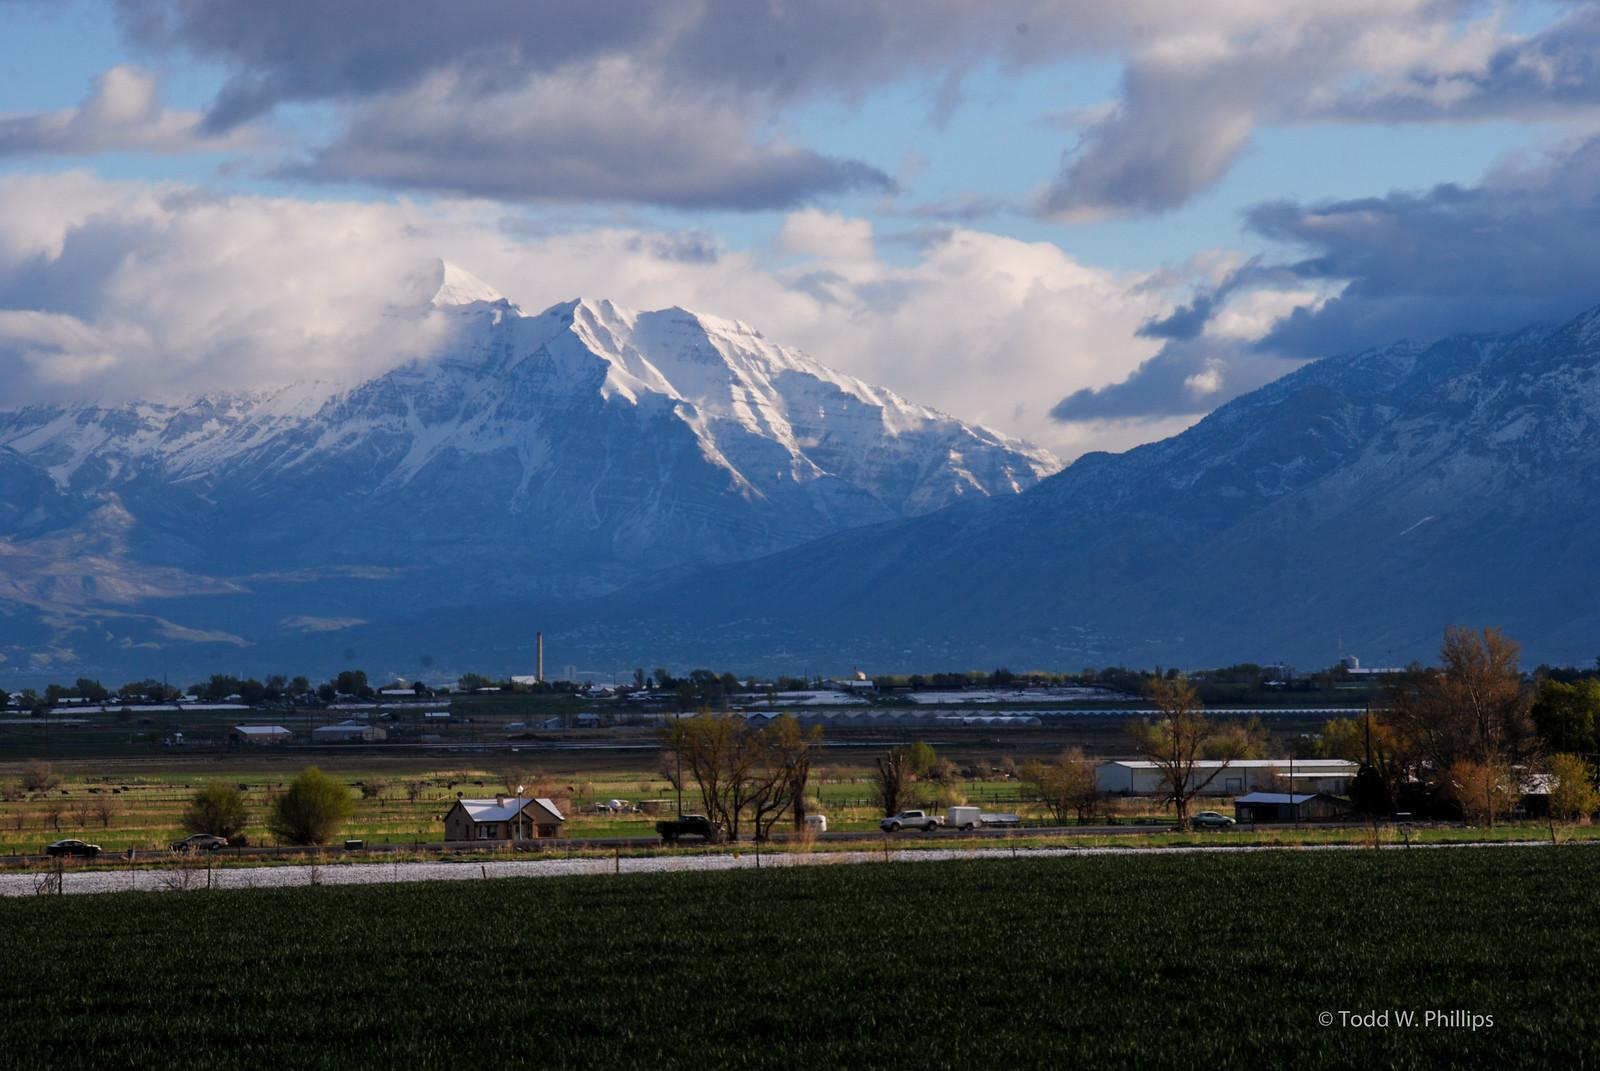 Mt. Timpanogas